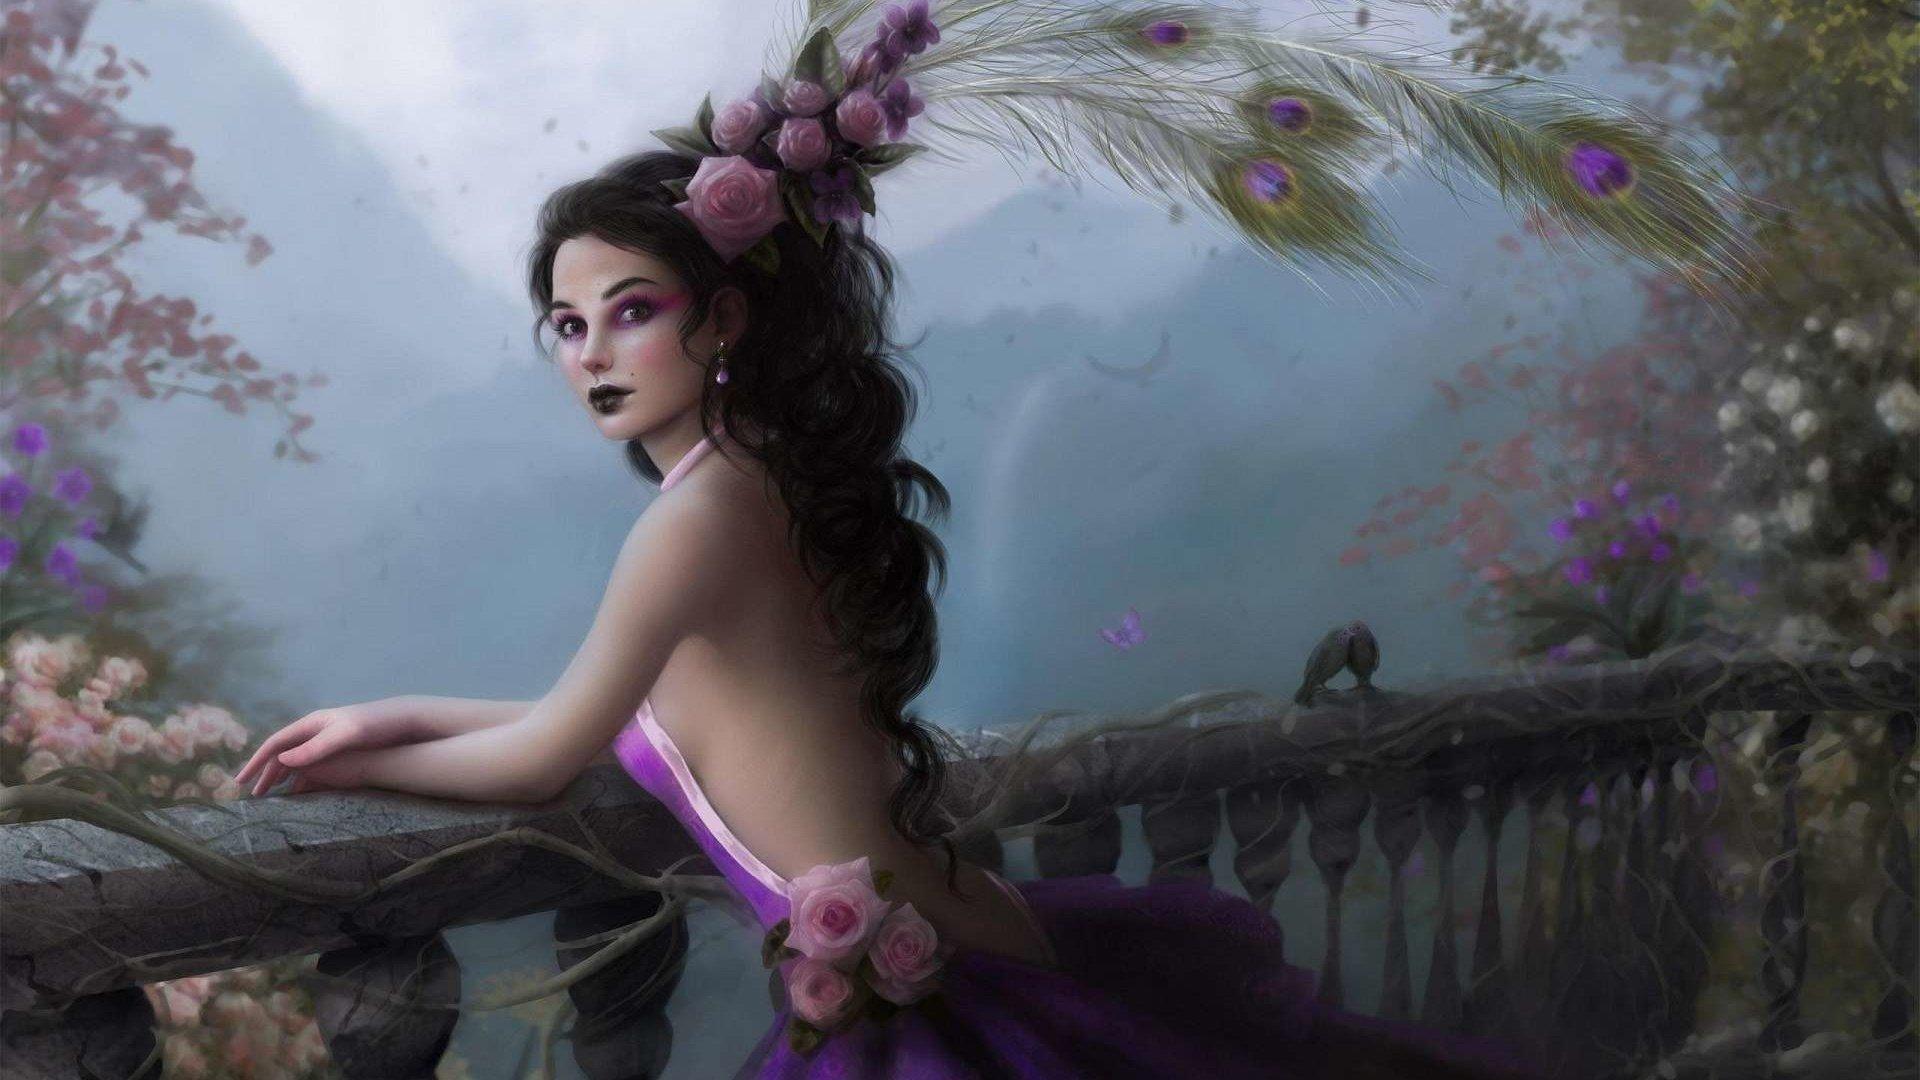 Фантазии девушек форум — pic 12